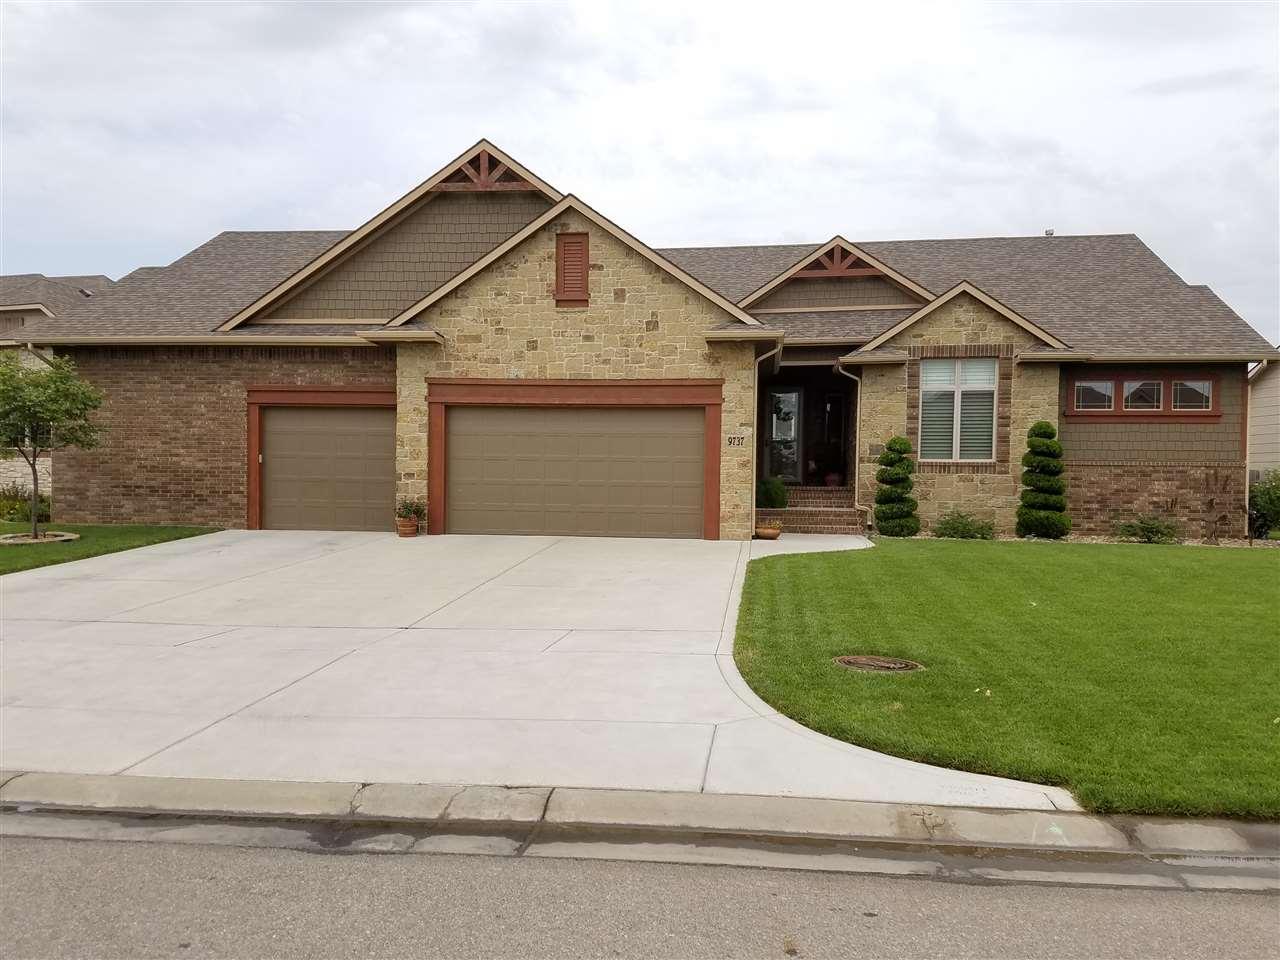 9737 W Westlakes Ct., Wichita, KS 67205